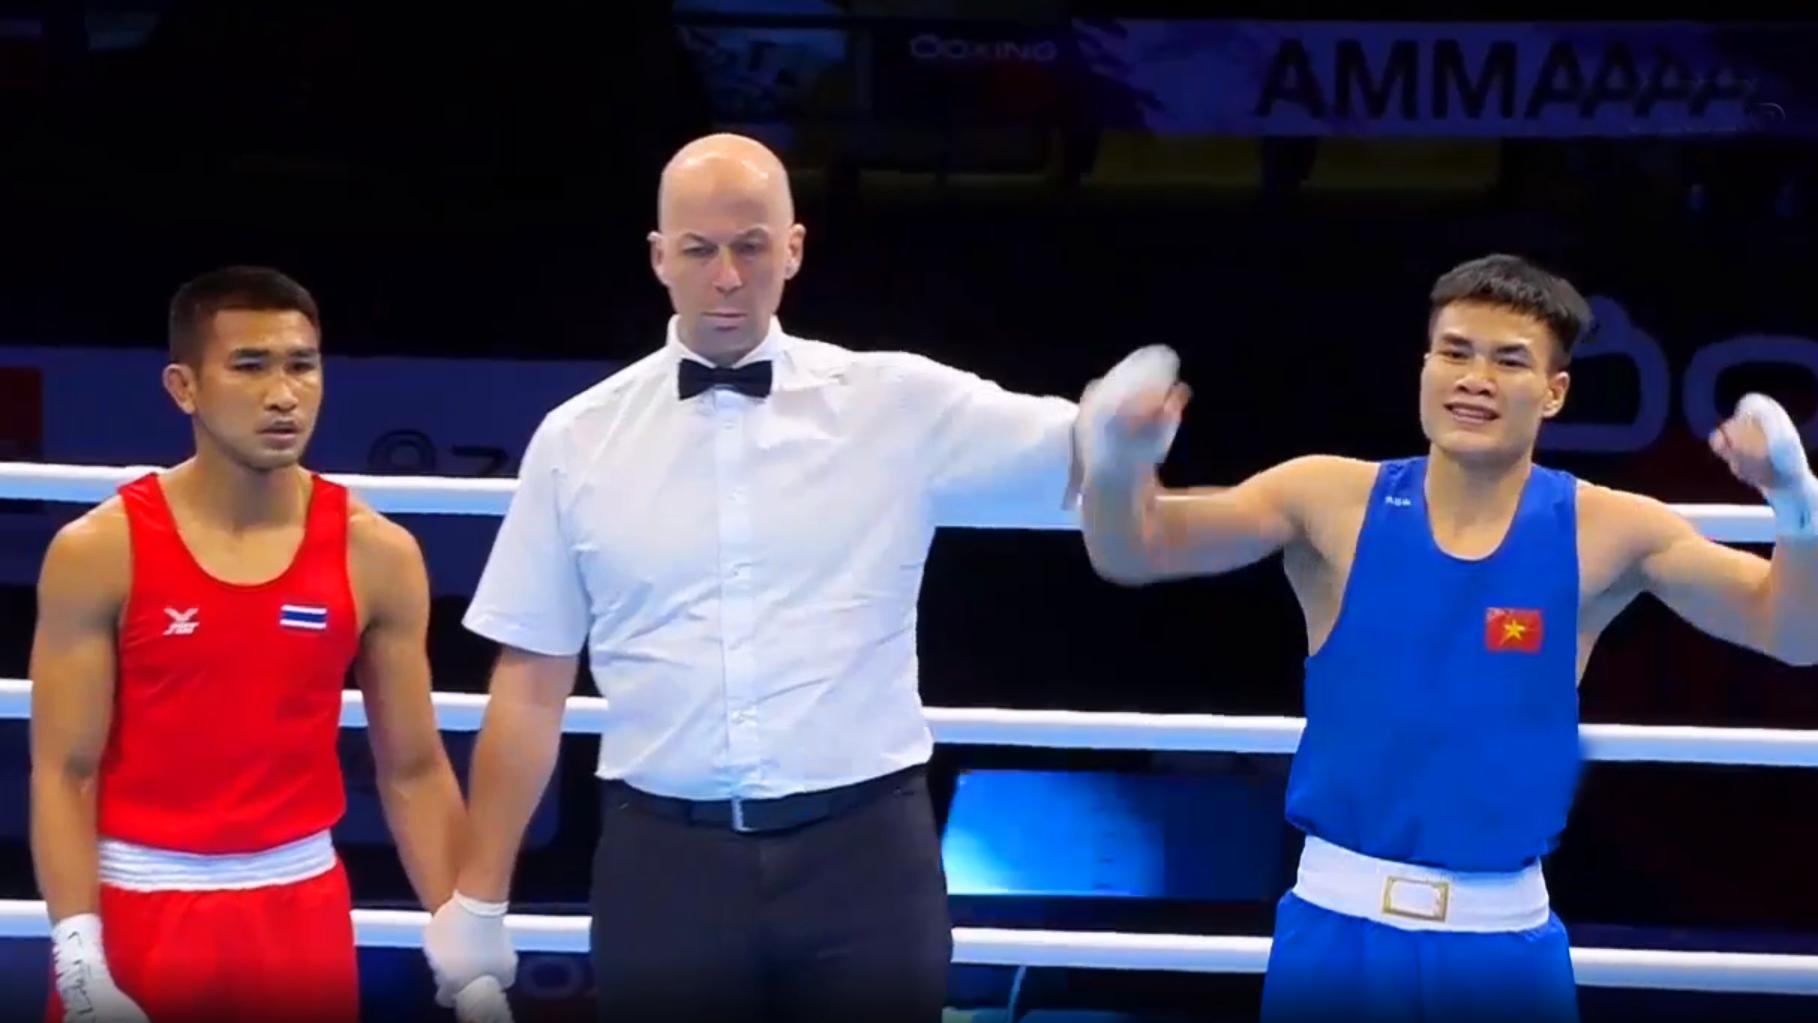 Mất 60 giây để võ sĩ Việt Nam giành vé vào Olympic